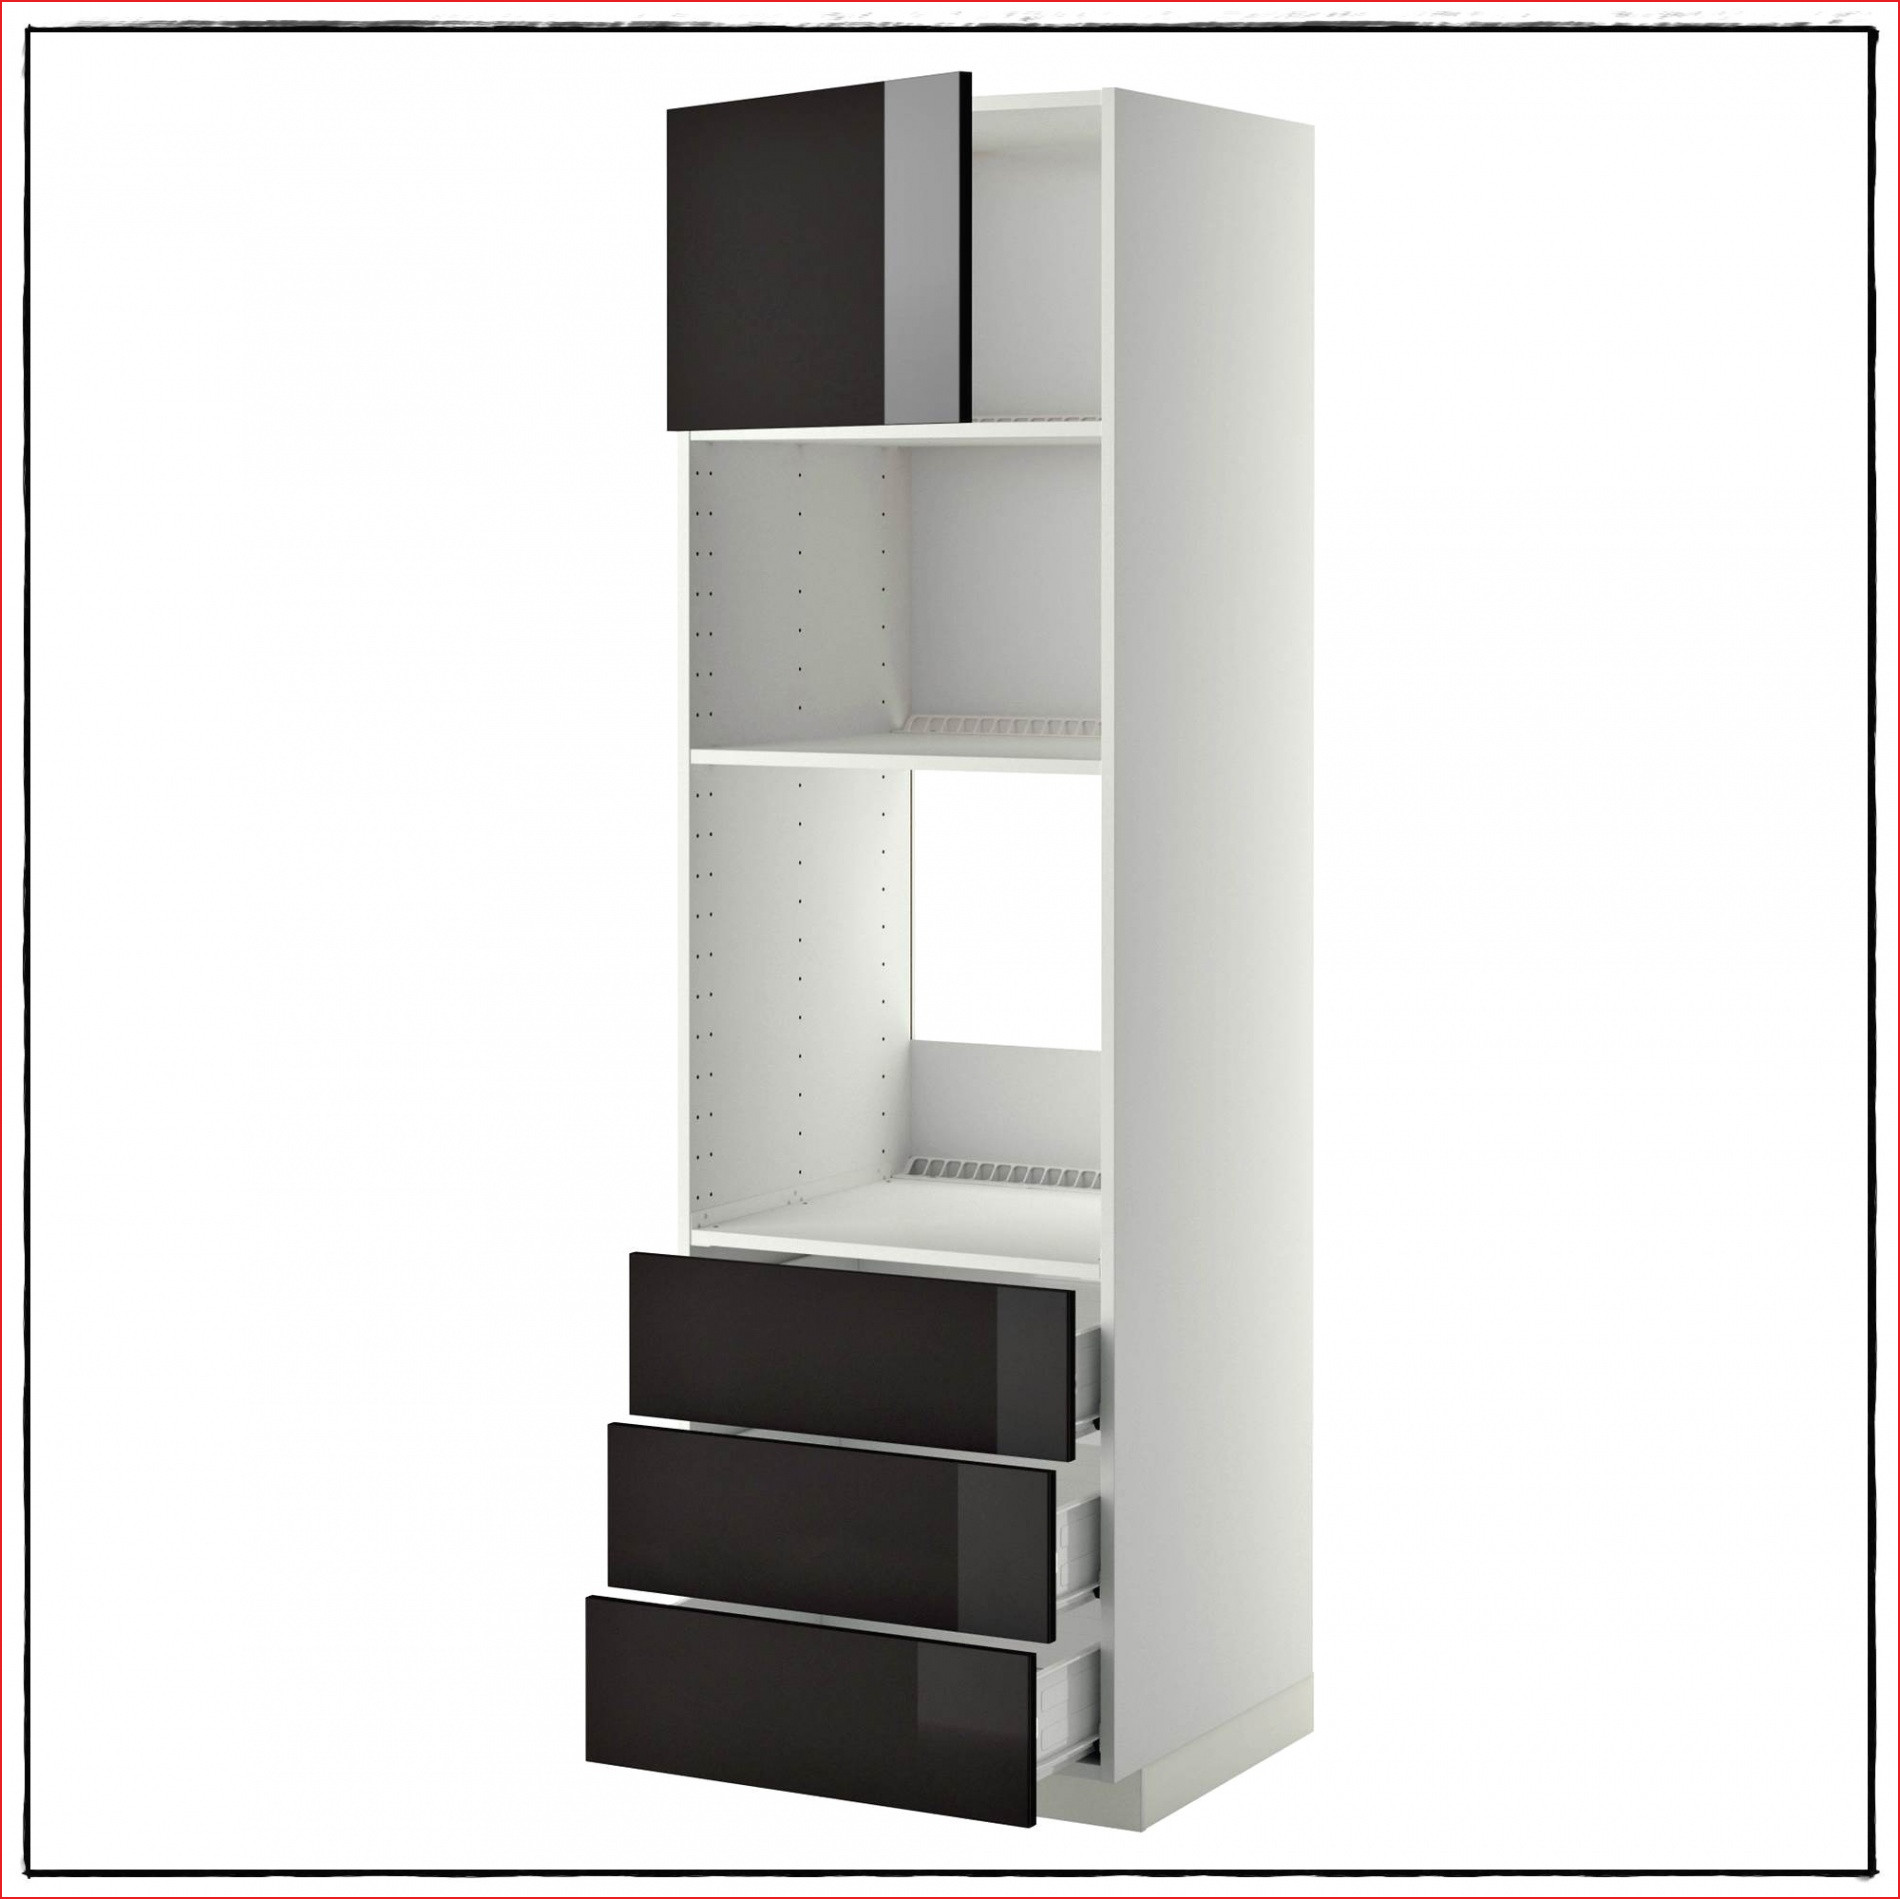 placard haut cuisine meuble cuisine pas cher frais i pinimg originals 99 89 0d d00e9d2a of placard haut cuisine